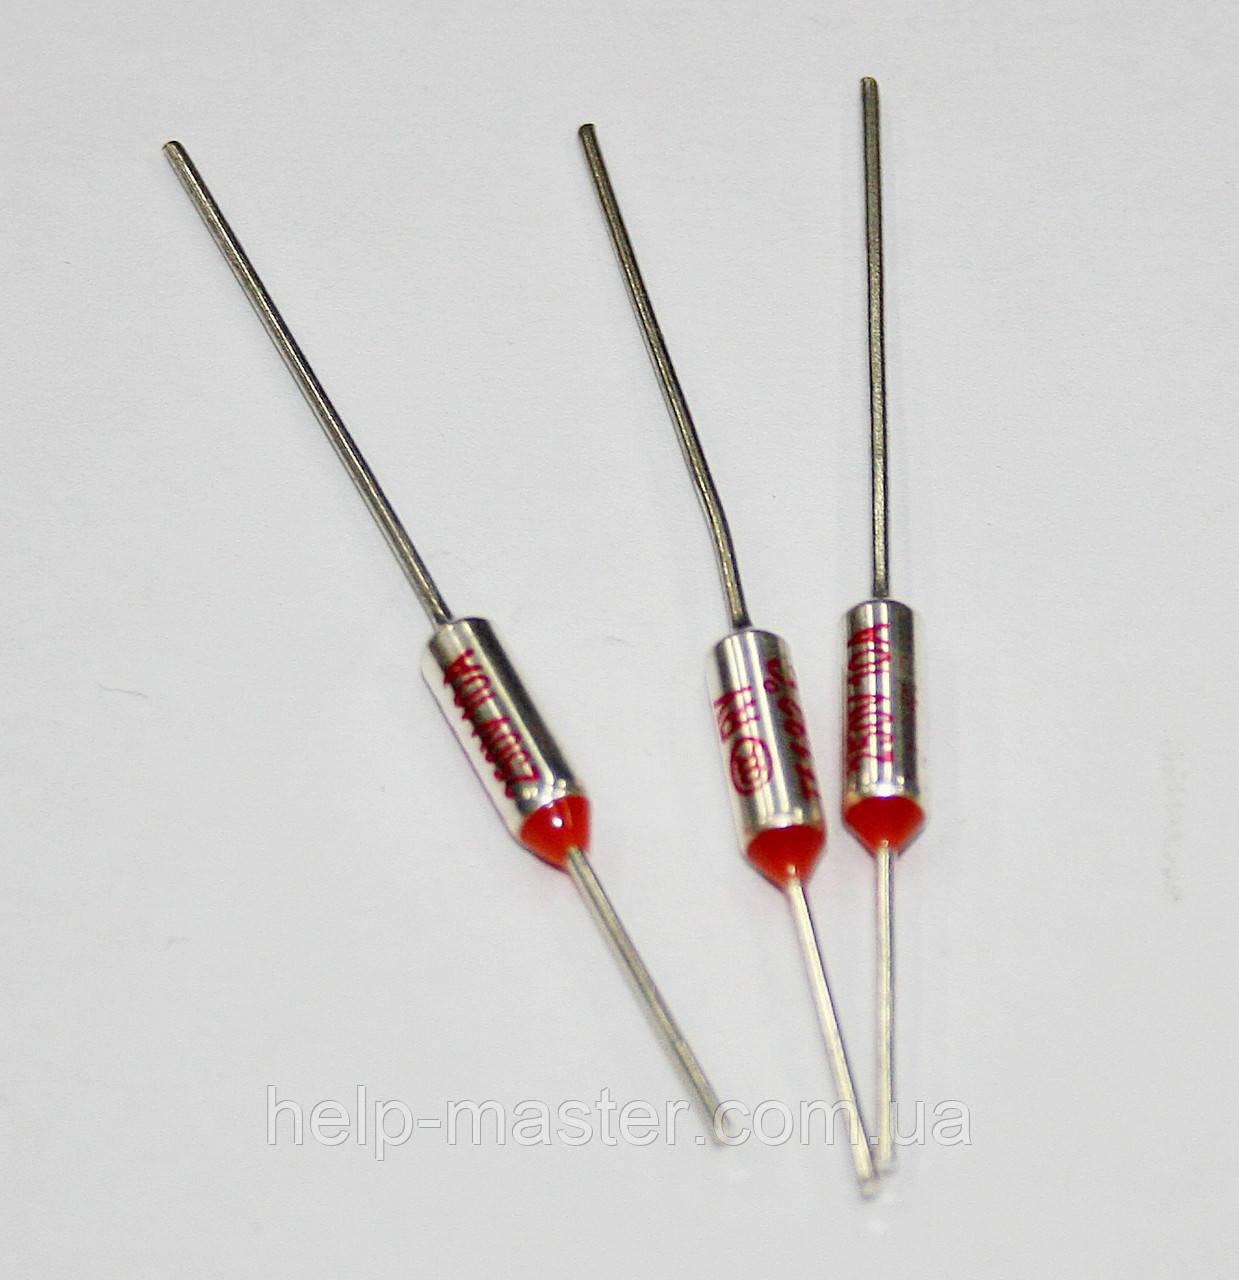 KLS5-103 10A 250В 80°C термо-предохранитель